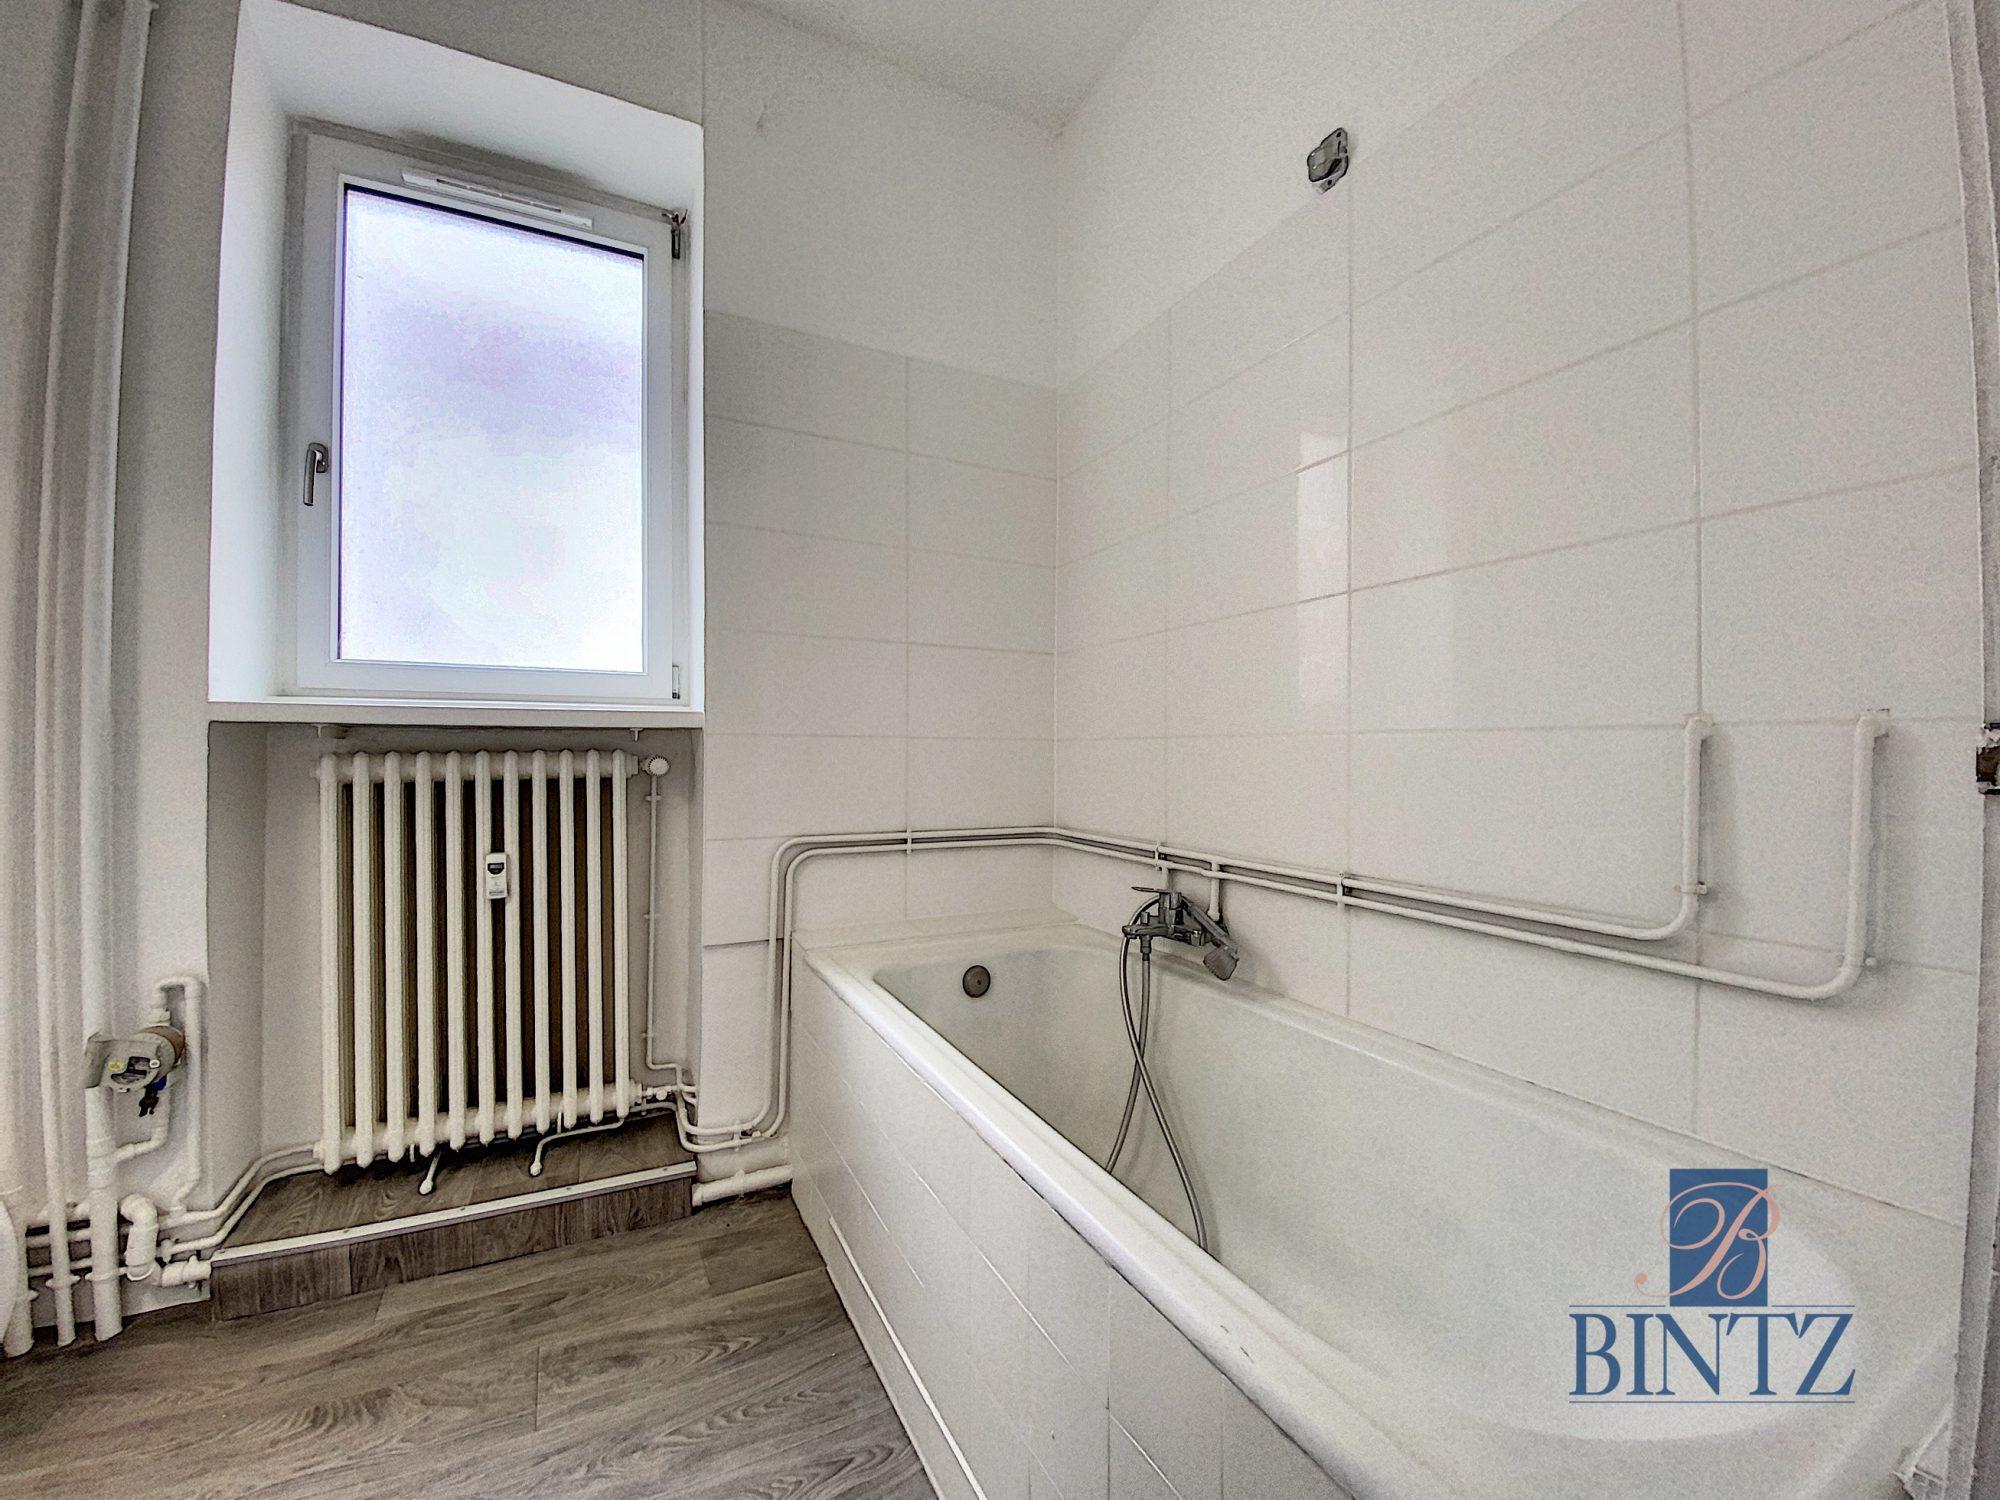 2 PIÈCES KRUTENAU - Devenez locataire en toute sérénité - Bintz Immobilier - 8